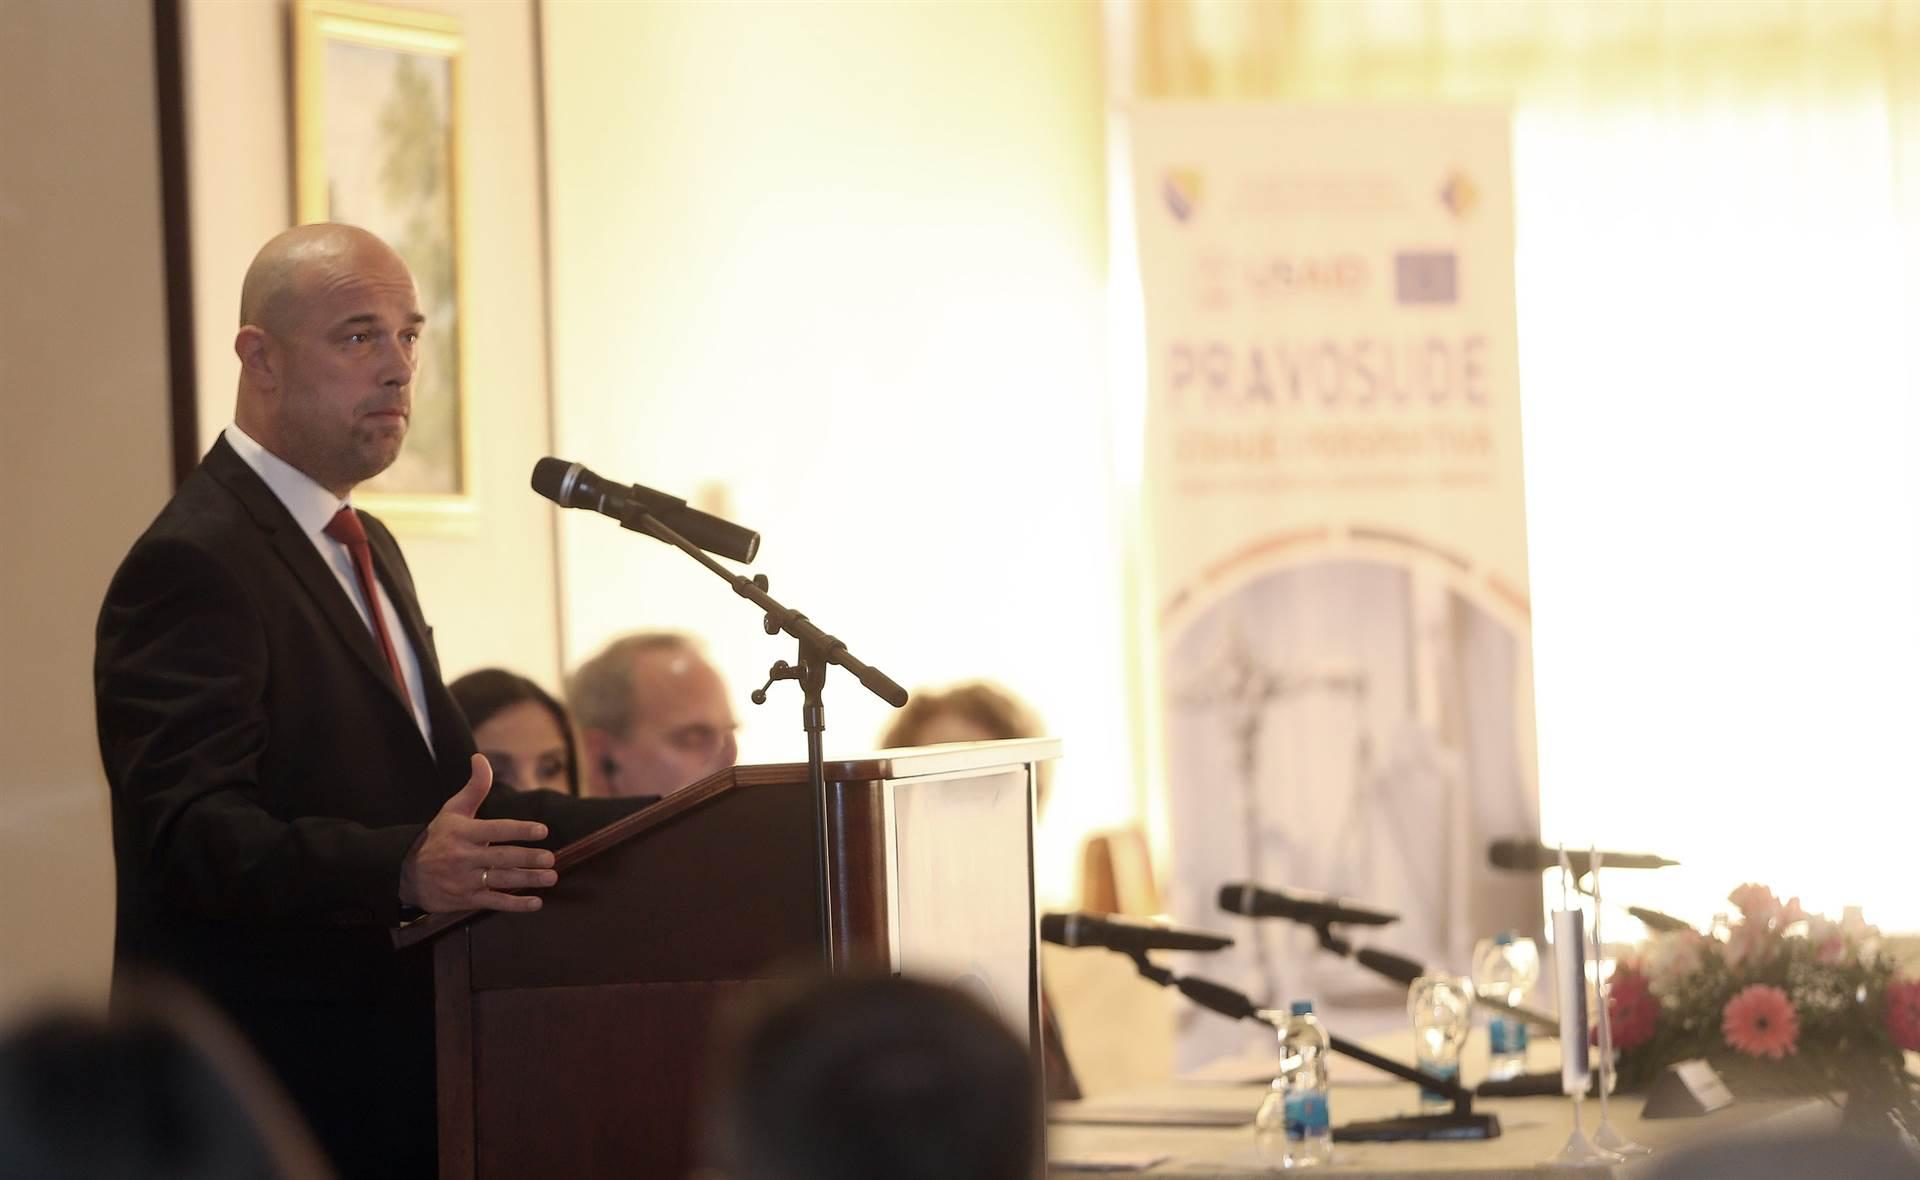 Tegeltija: Političari vrše pritisak na pravosuđe